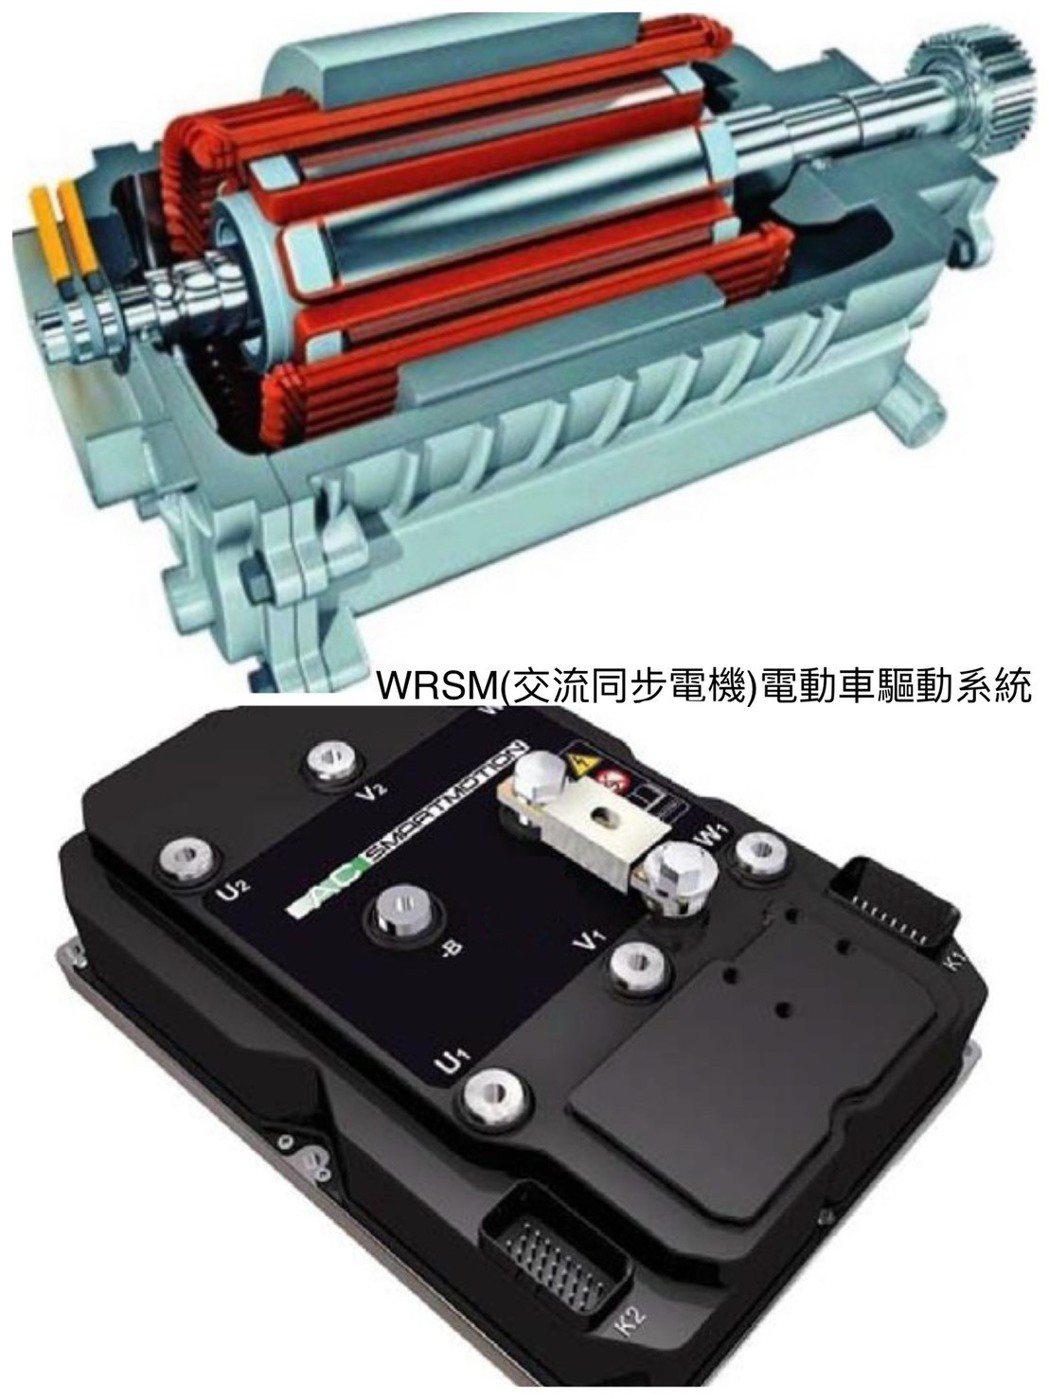 圖/WRSM(交流同步電機)電動車驅動系統。 台灣聯科創新有限公司 提供